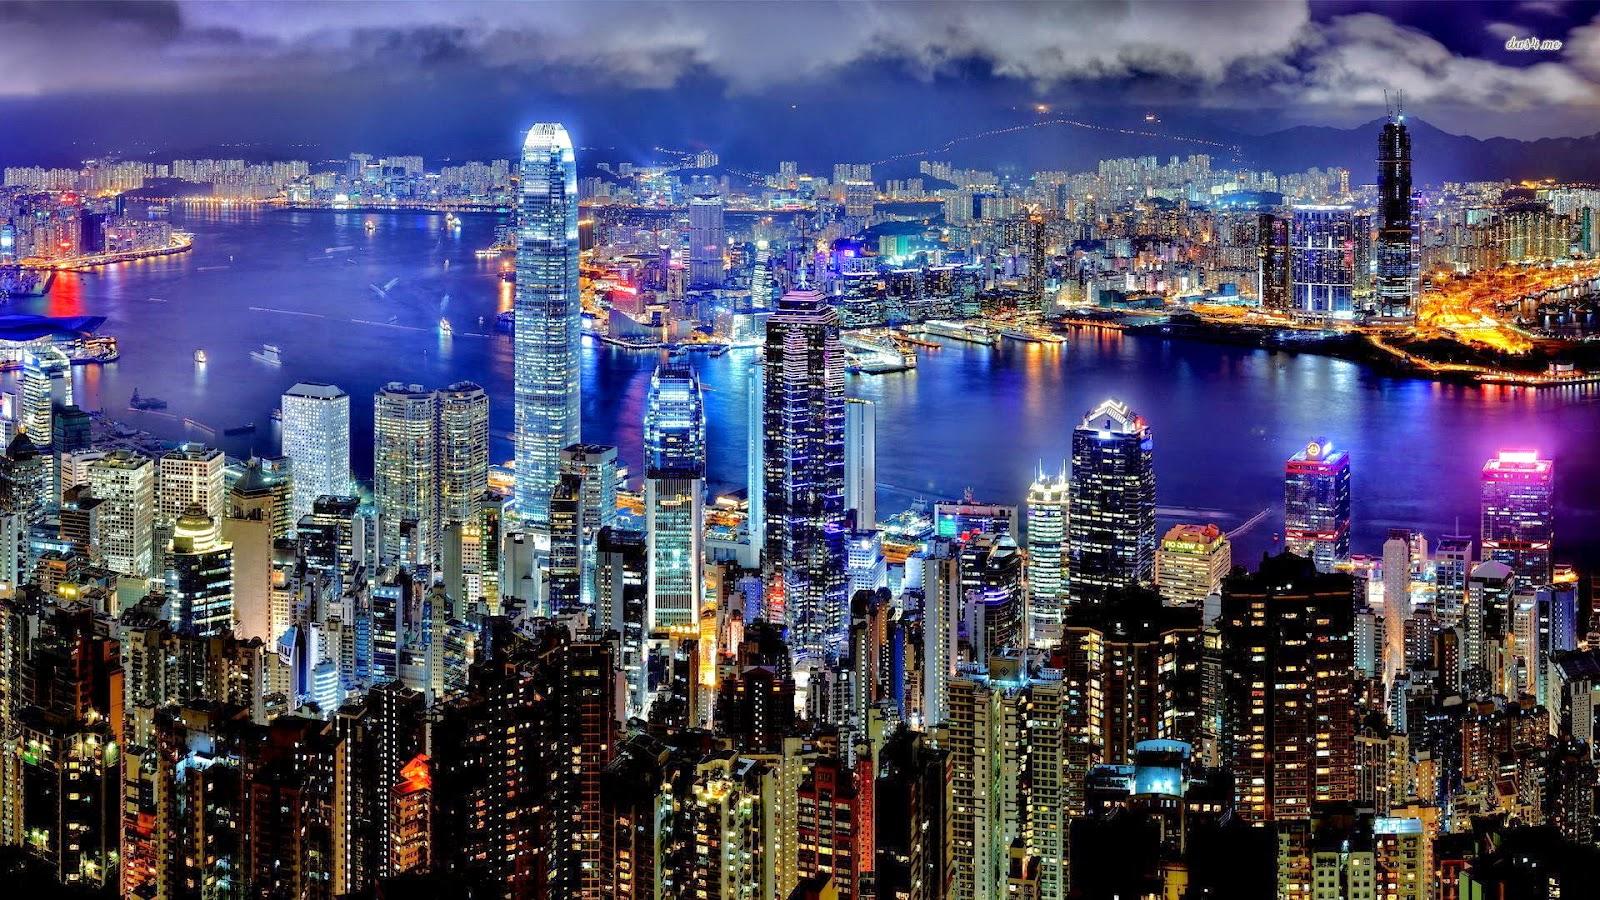 viajes baratos la repera viajar a china hong kong macao. Black Bedroom Furniture Sets. Home Design Ideas